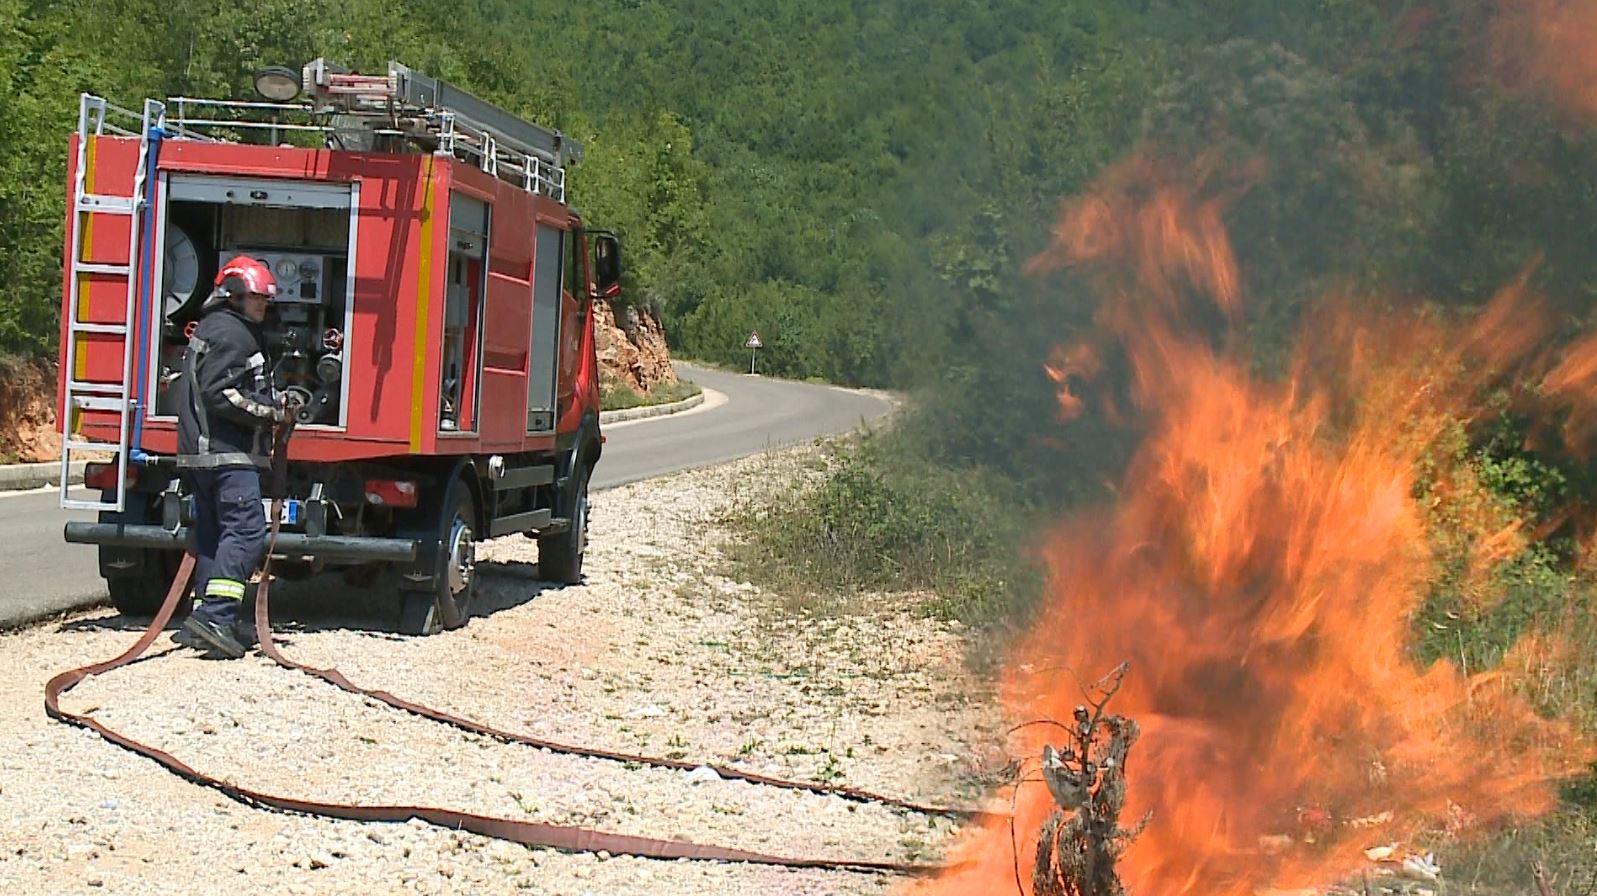 Zjarret e verës në pyje, një ditë në Dajt me skuadrën zjarrfikëse të Tiranës